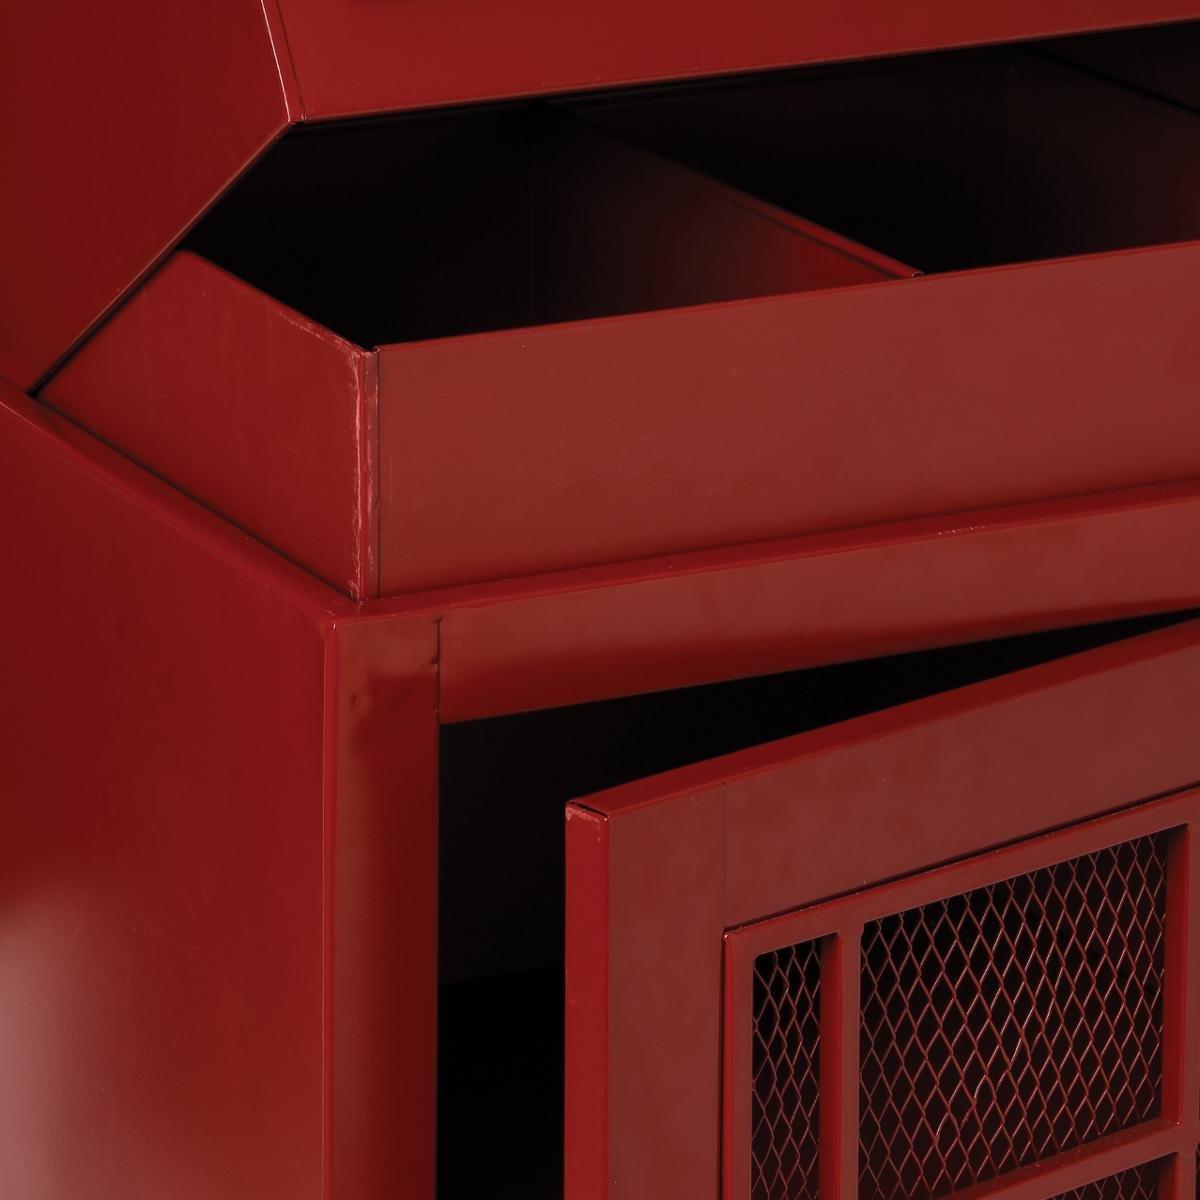 Meuble étagère Grande Cabine Téléphonique - Style London - Coloris ROUGE:  Amazon.fr: Cuisine U0026 Maison